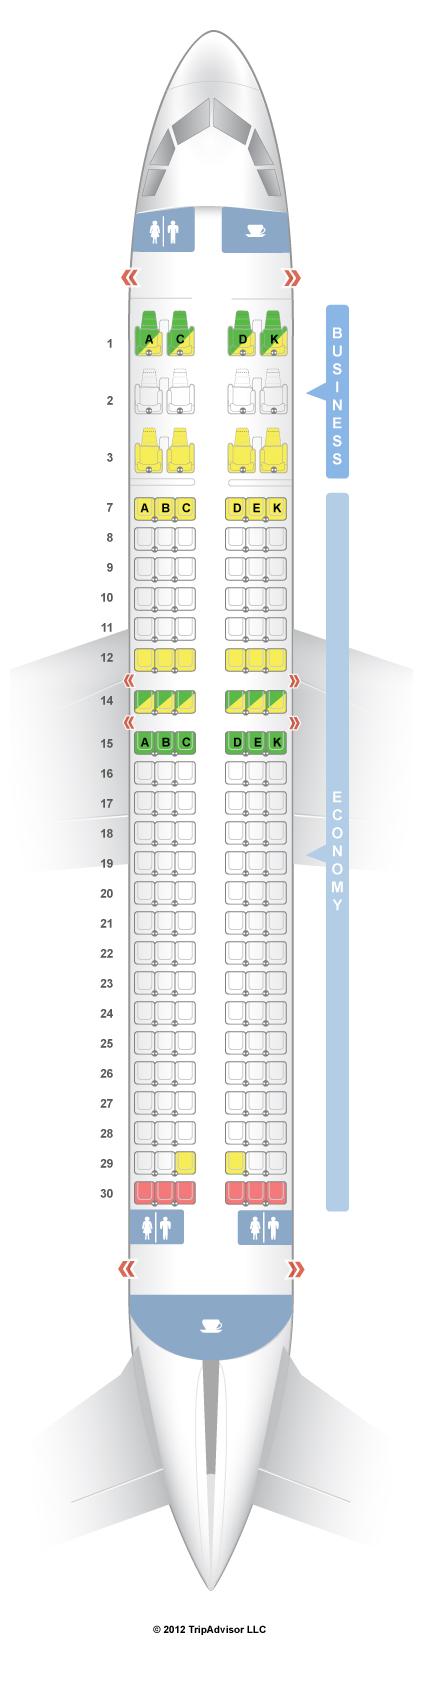 Seatguru Seat Map Avianca Airbus A320 320